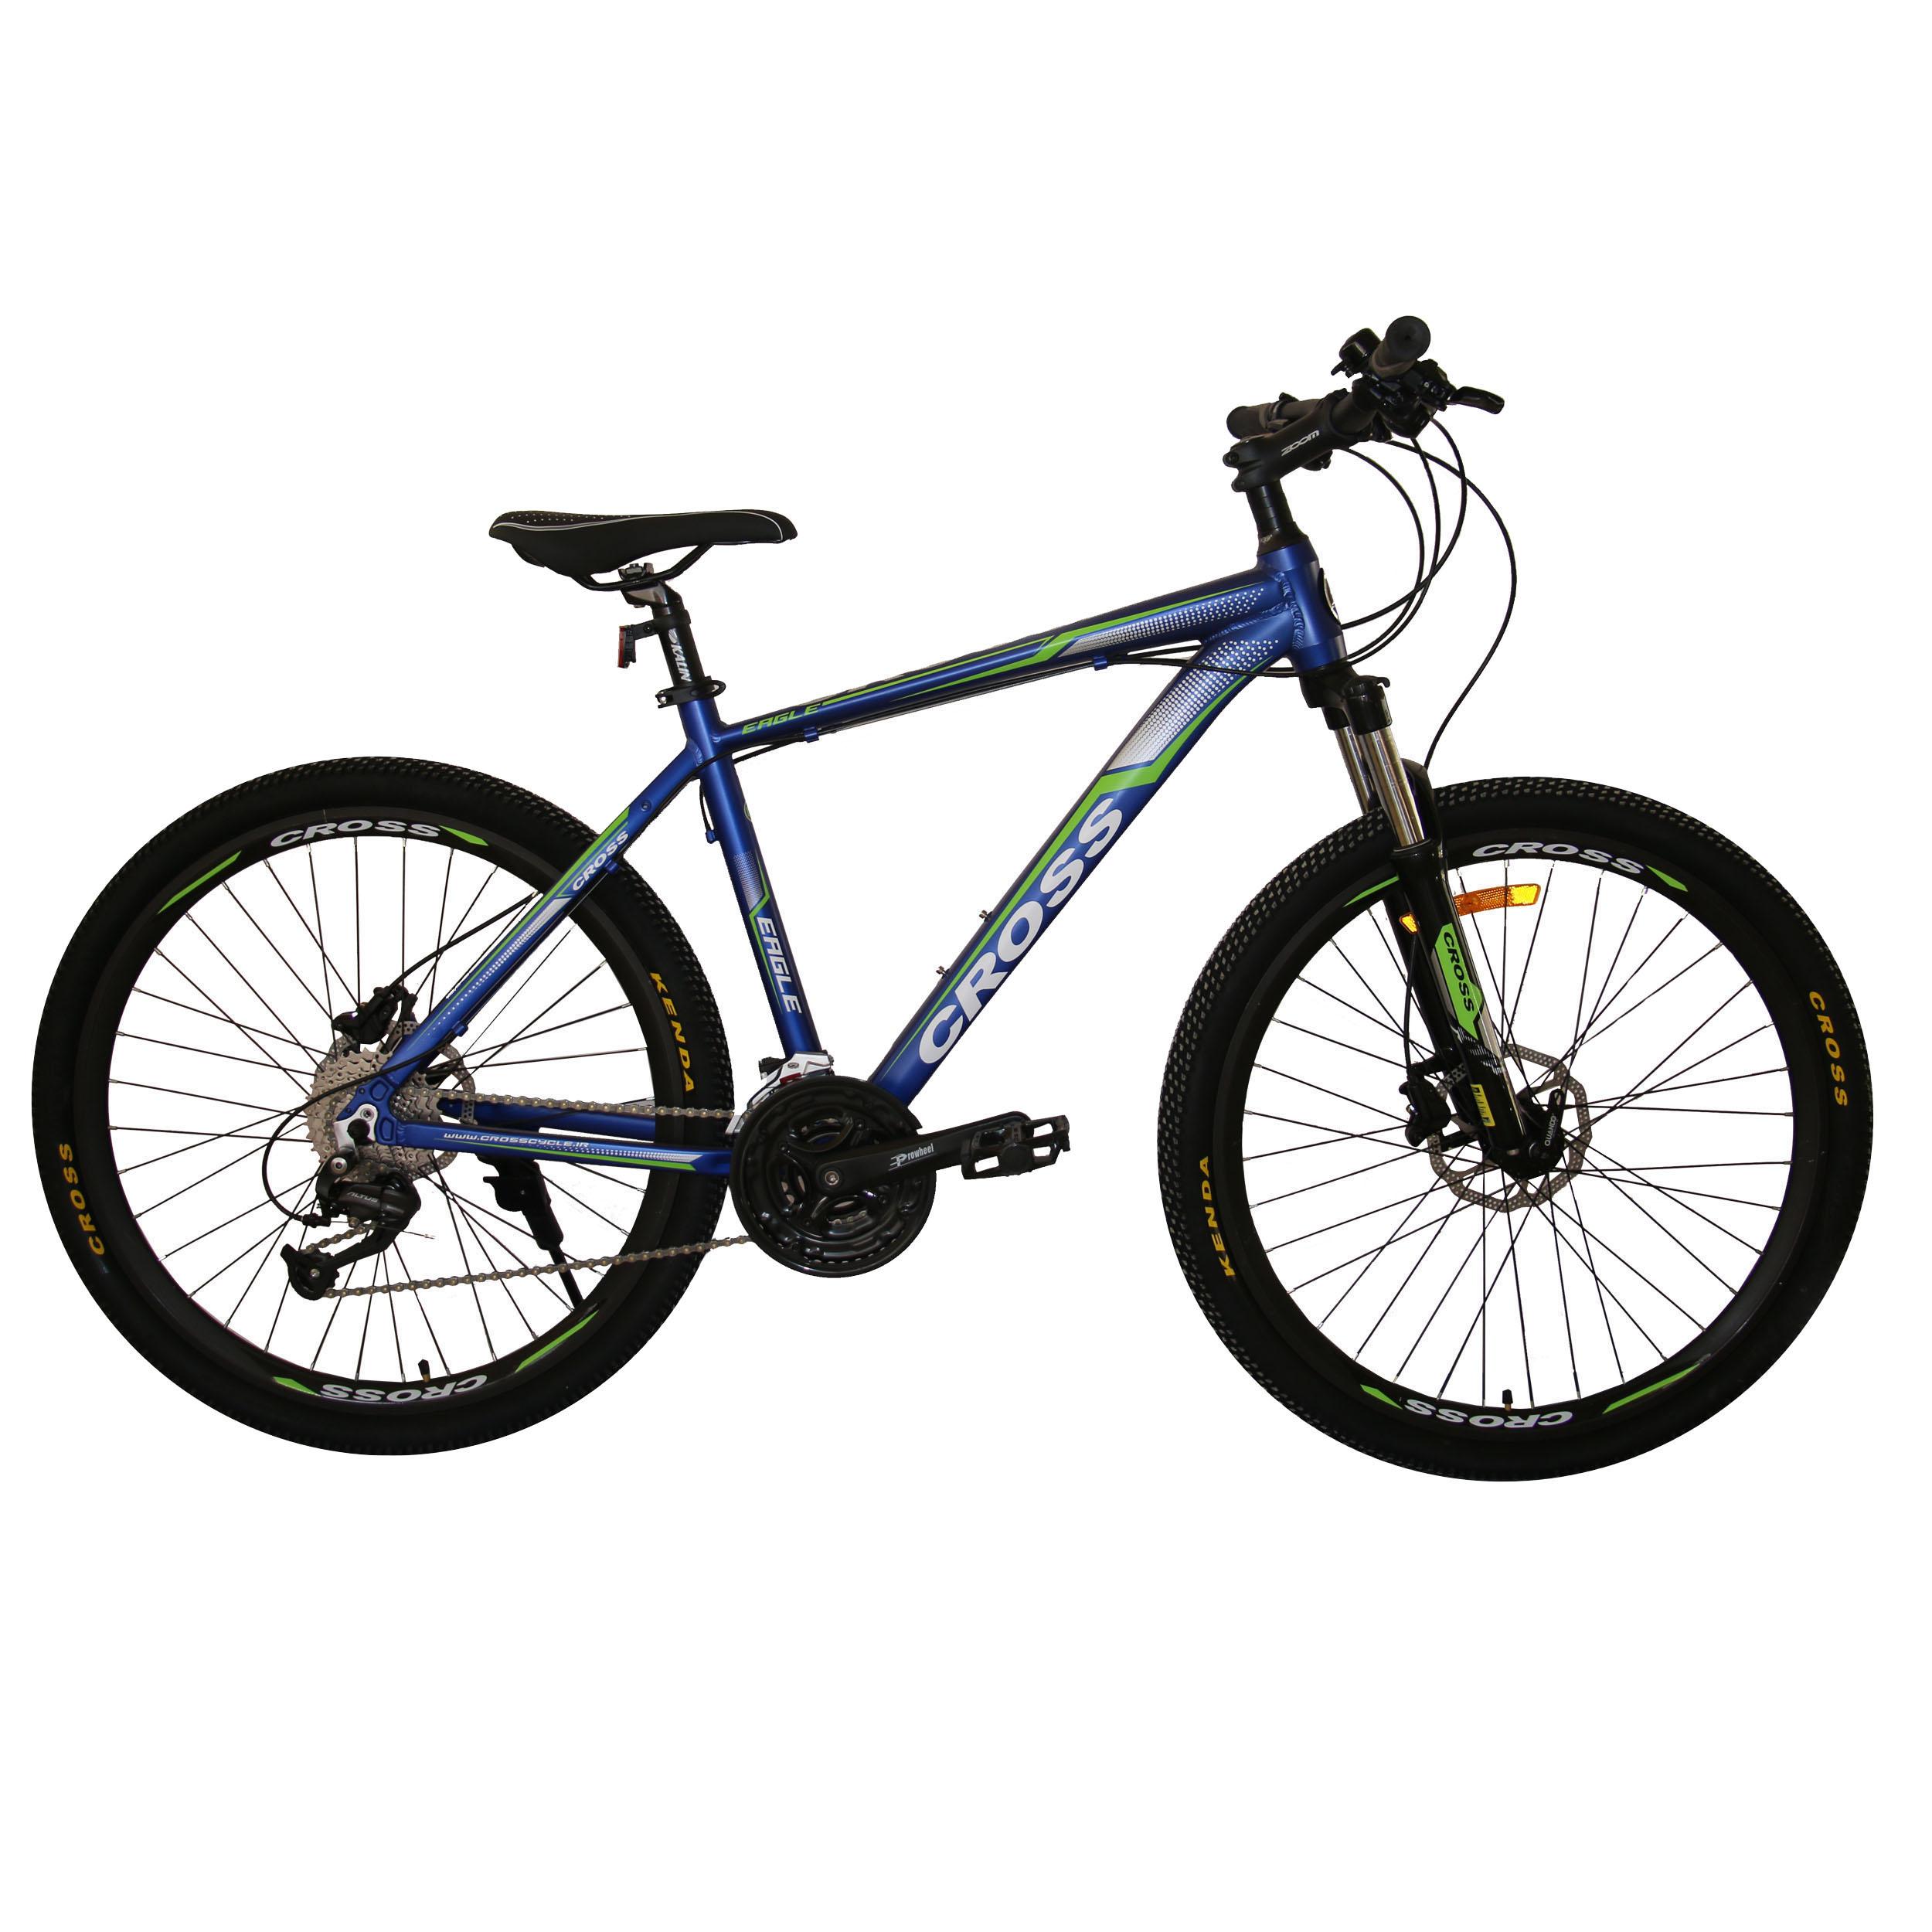 خرید                     دوچرخه کوهستان کراس مدل Eagle سایز 26